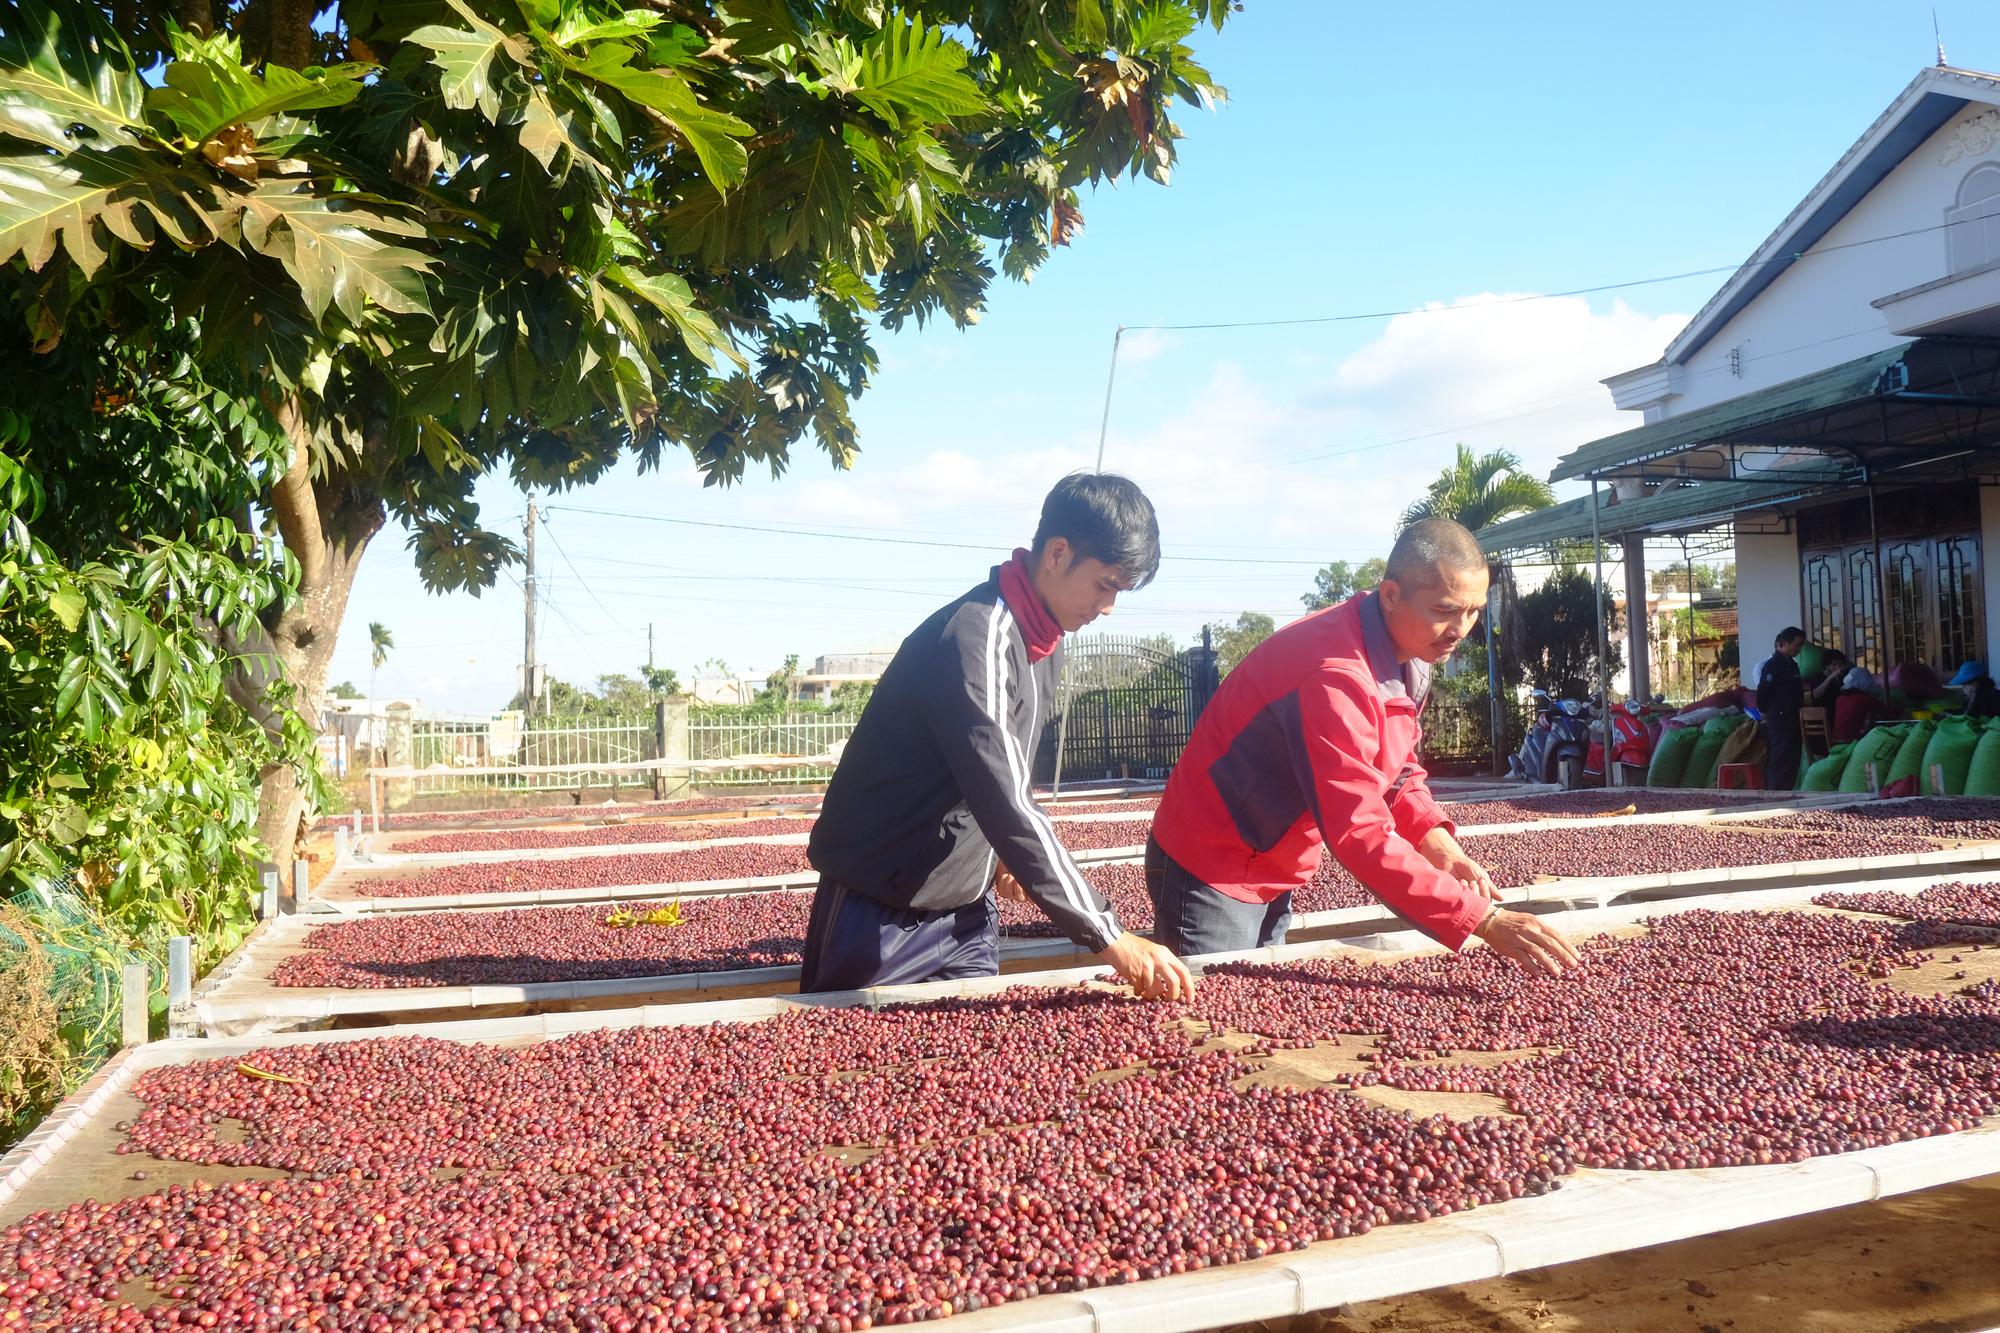 Nhu cầu tiêu thụ cà phê do giãn cách chống Covid-19 tăng, xuất khẩu cà phê khởi sắc - Ảnh 1.